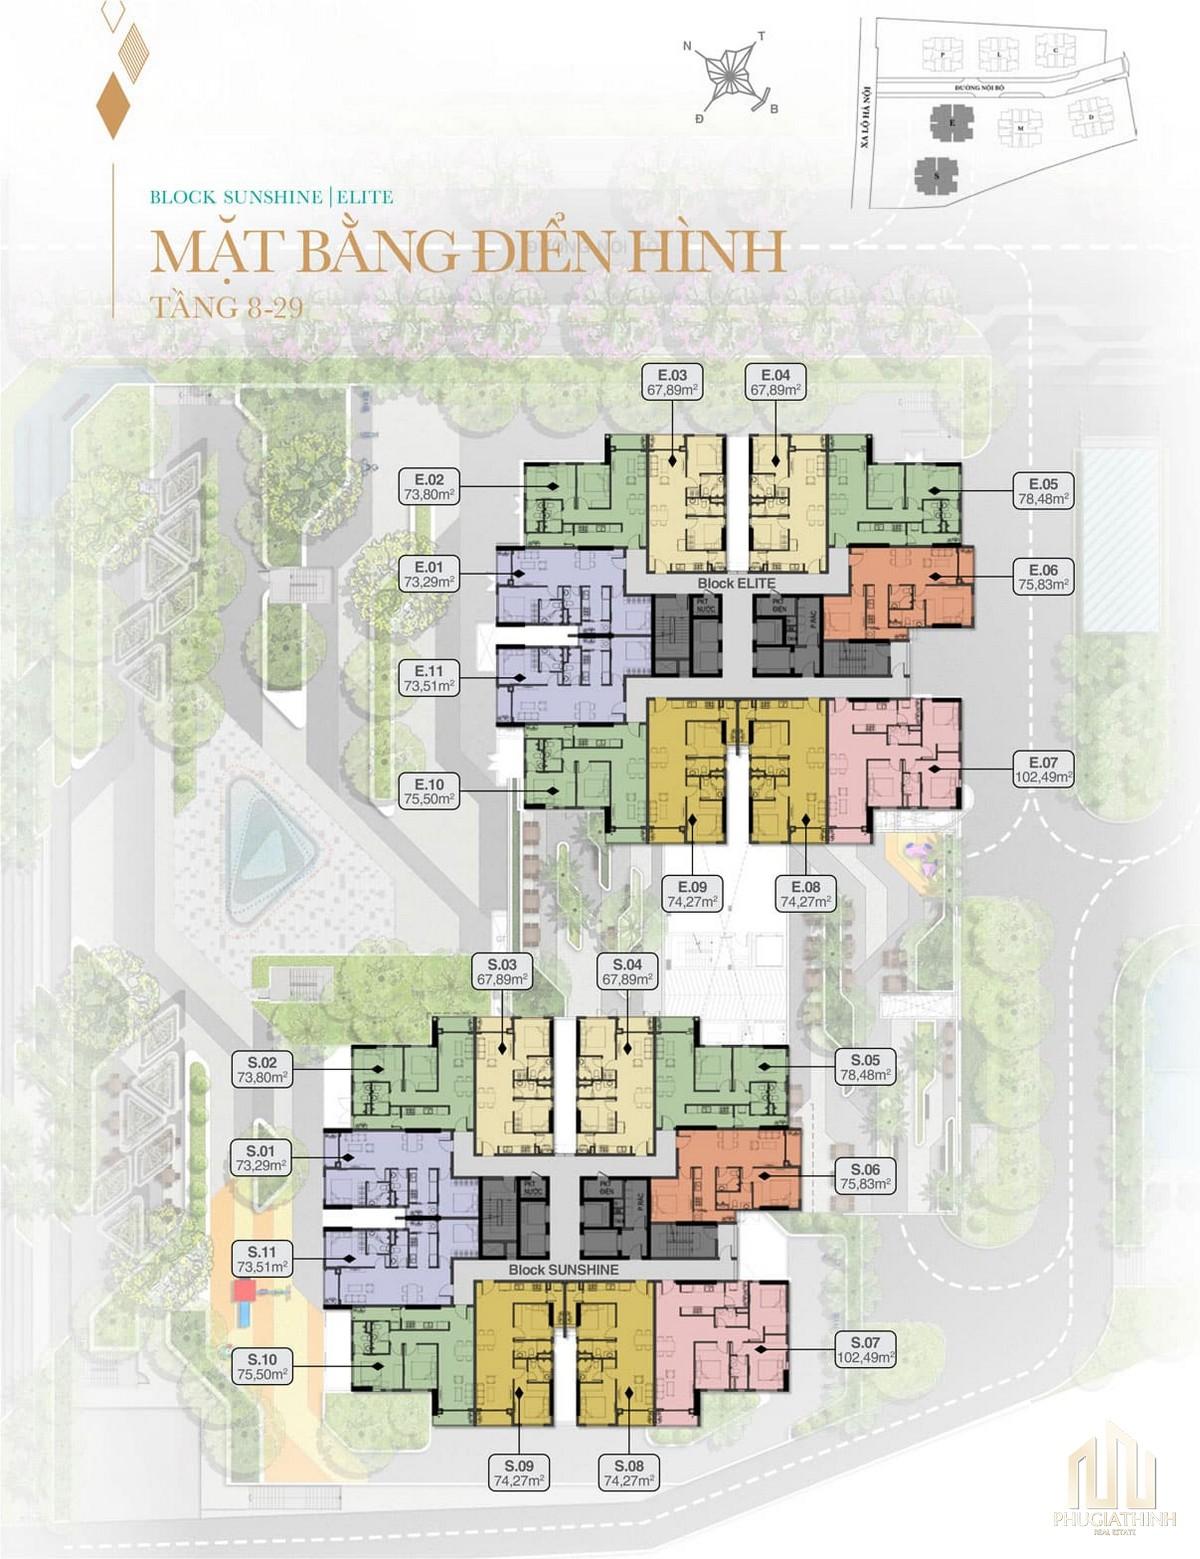 Mặt bằng tầng 8 - 29 Block Sunshine và Elite dự án Biên Hoà Universe Complex